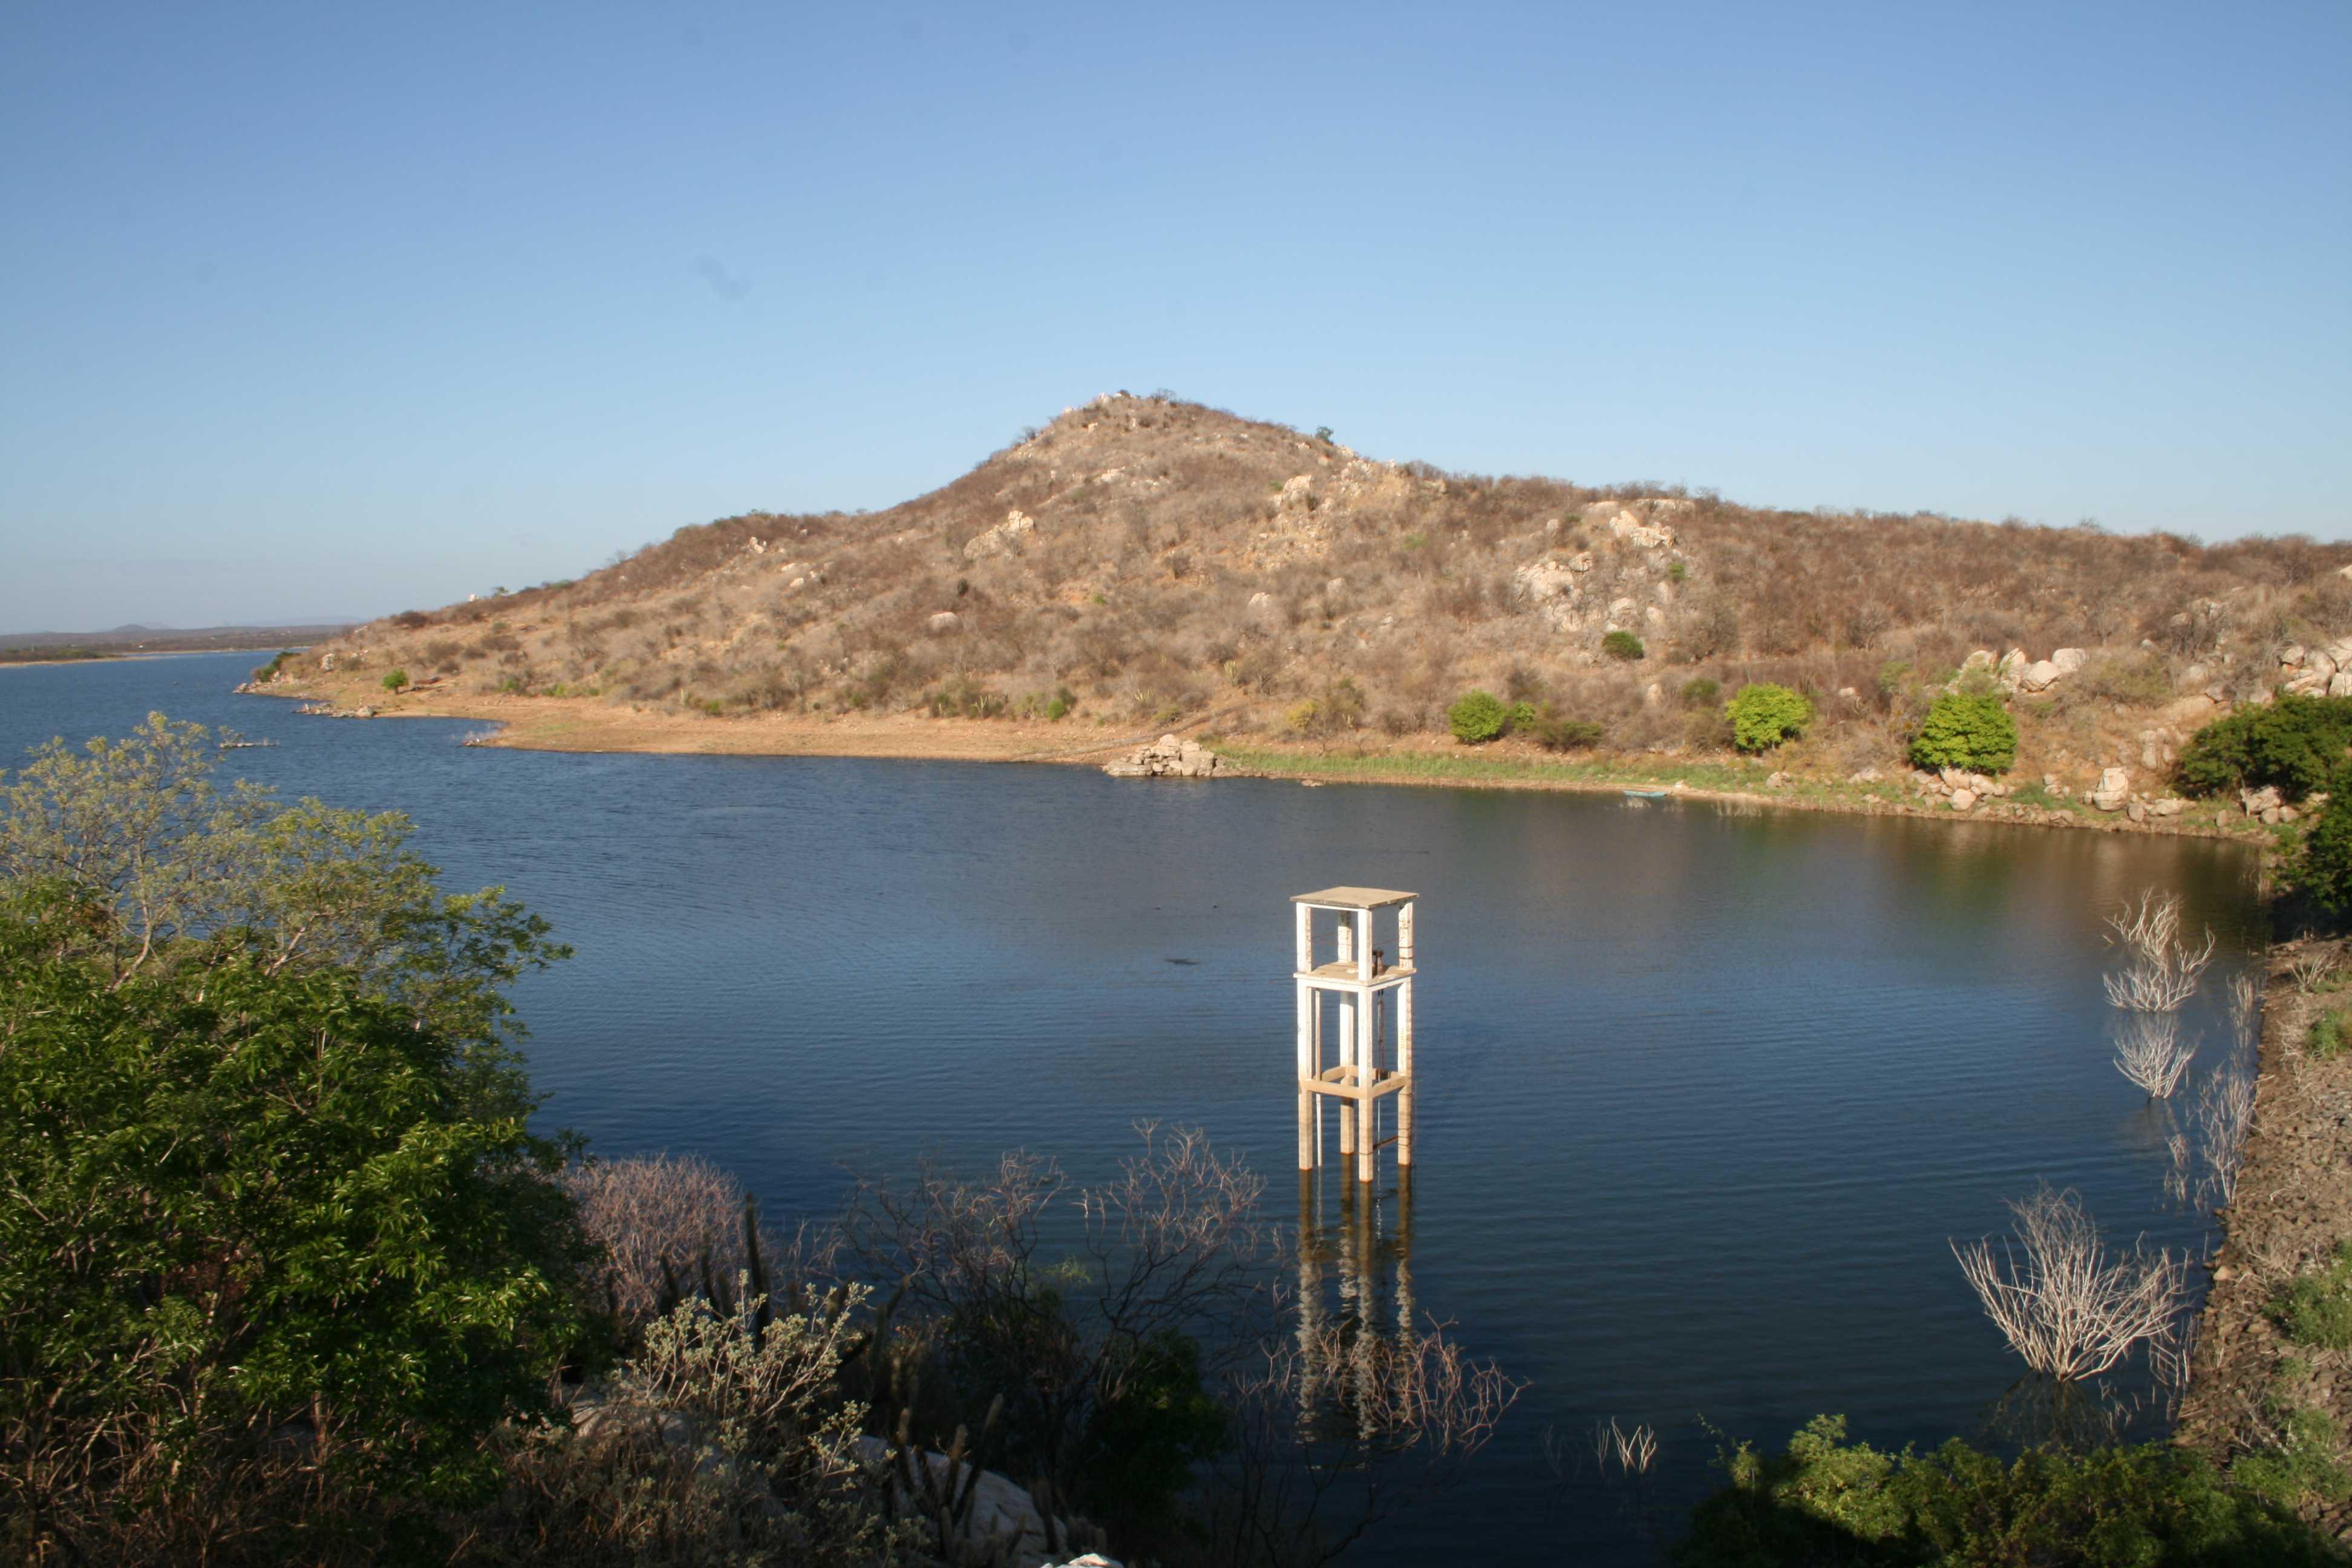 São João do Sabugi Rio Grande do Norte fonte: upload.wikimedia.org